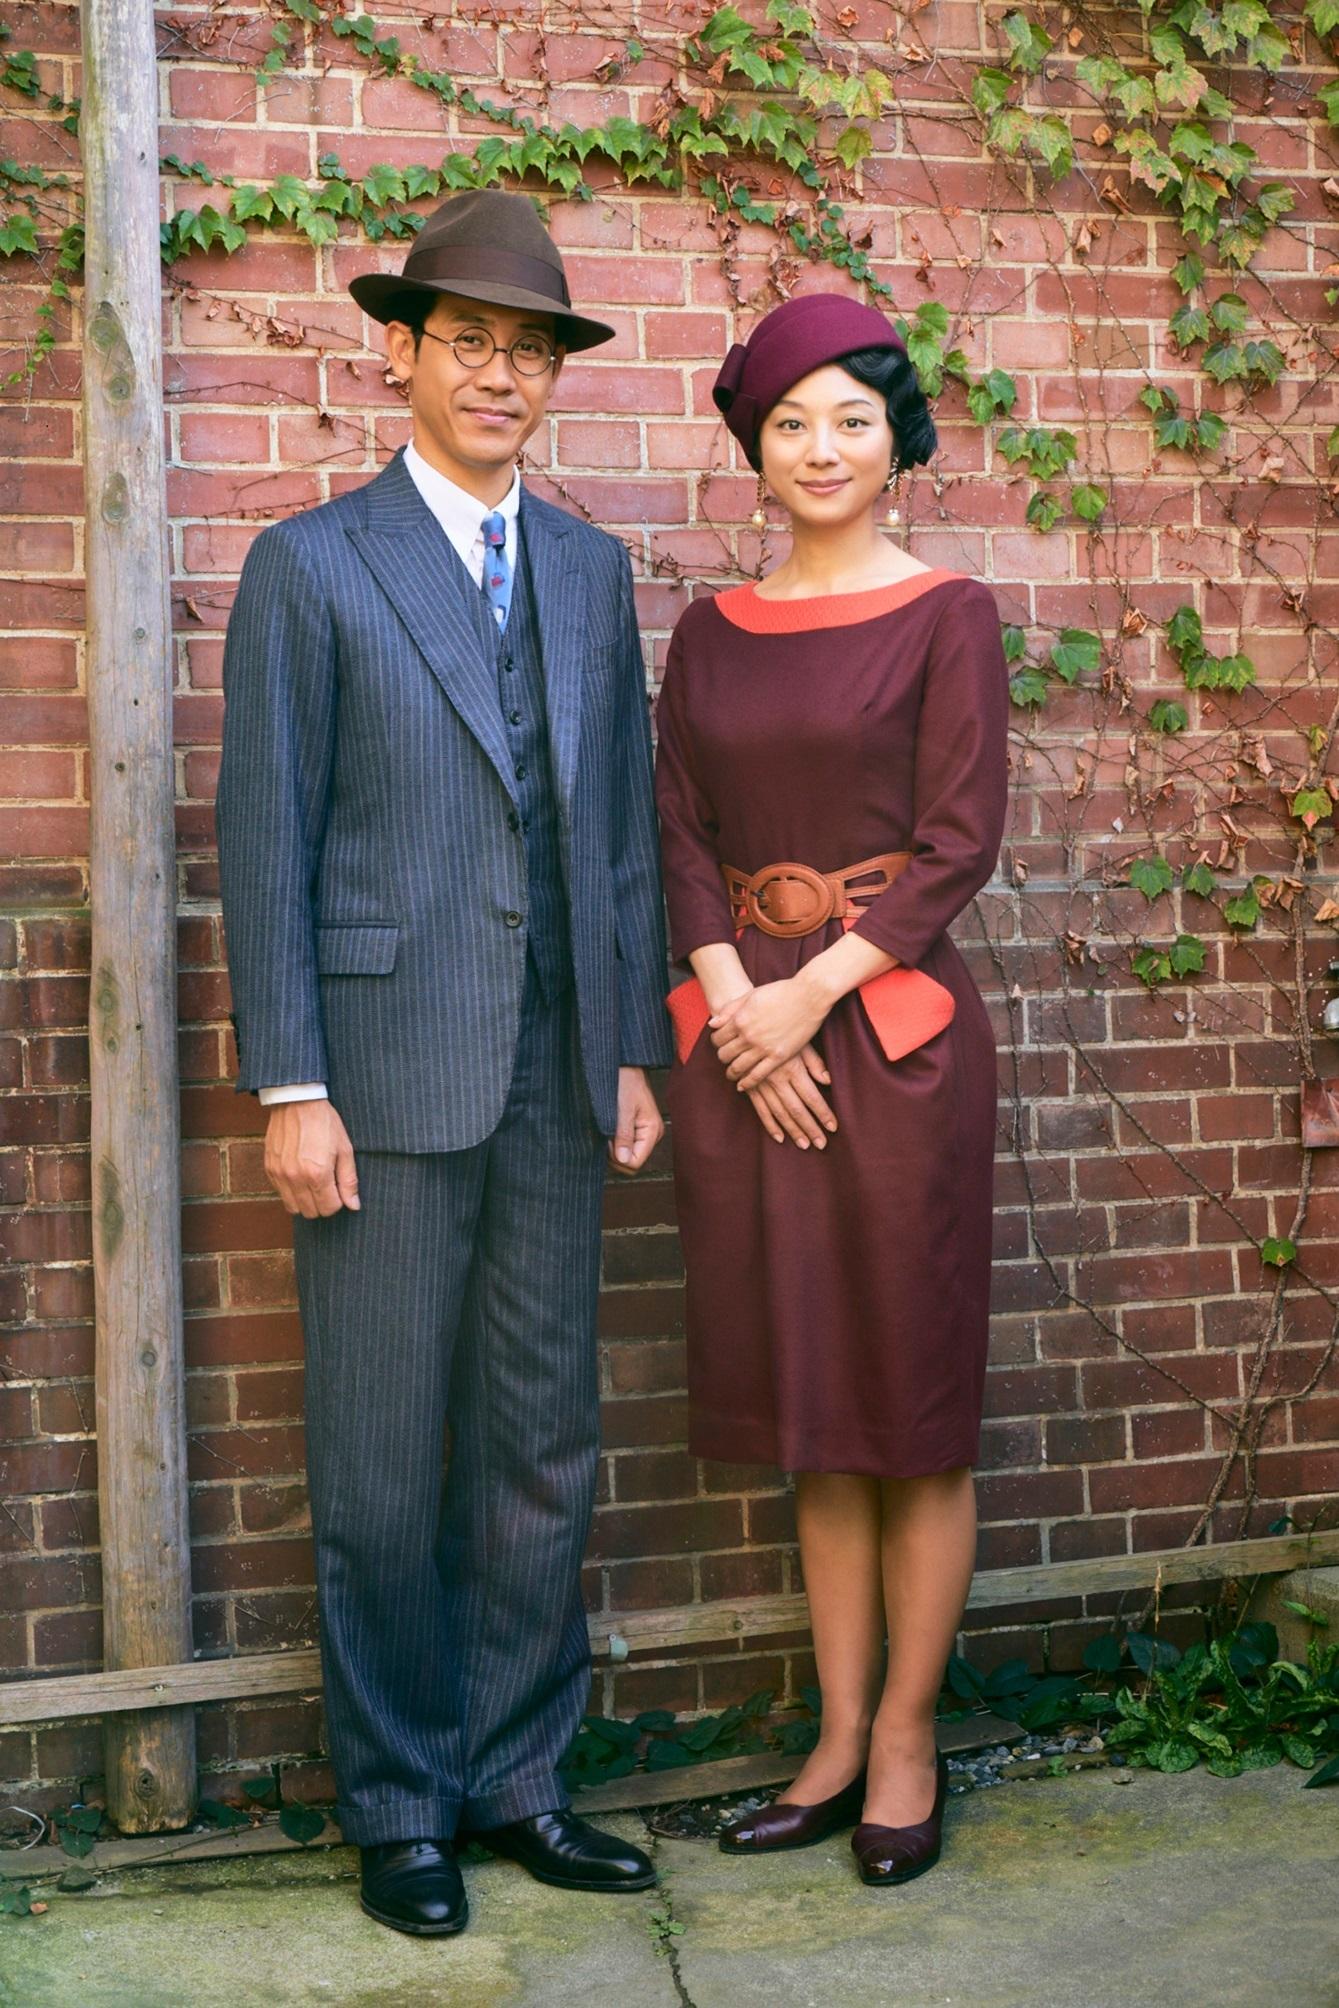 左から、大泉洋、小池栄子 (C)2019『グッドバイ』フィルムパートナーズ